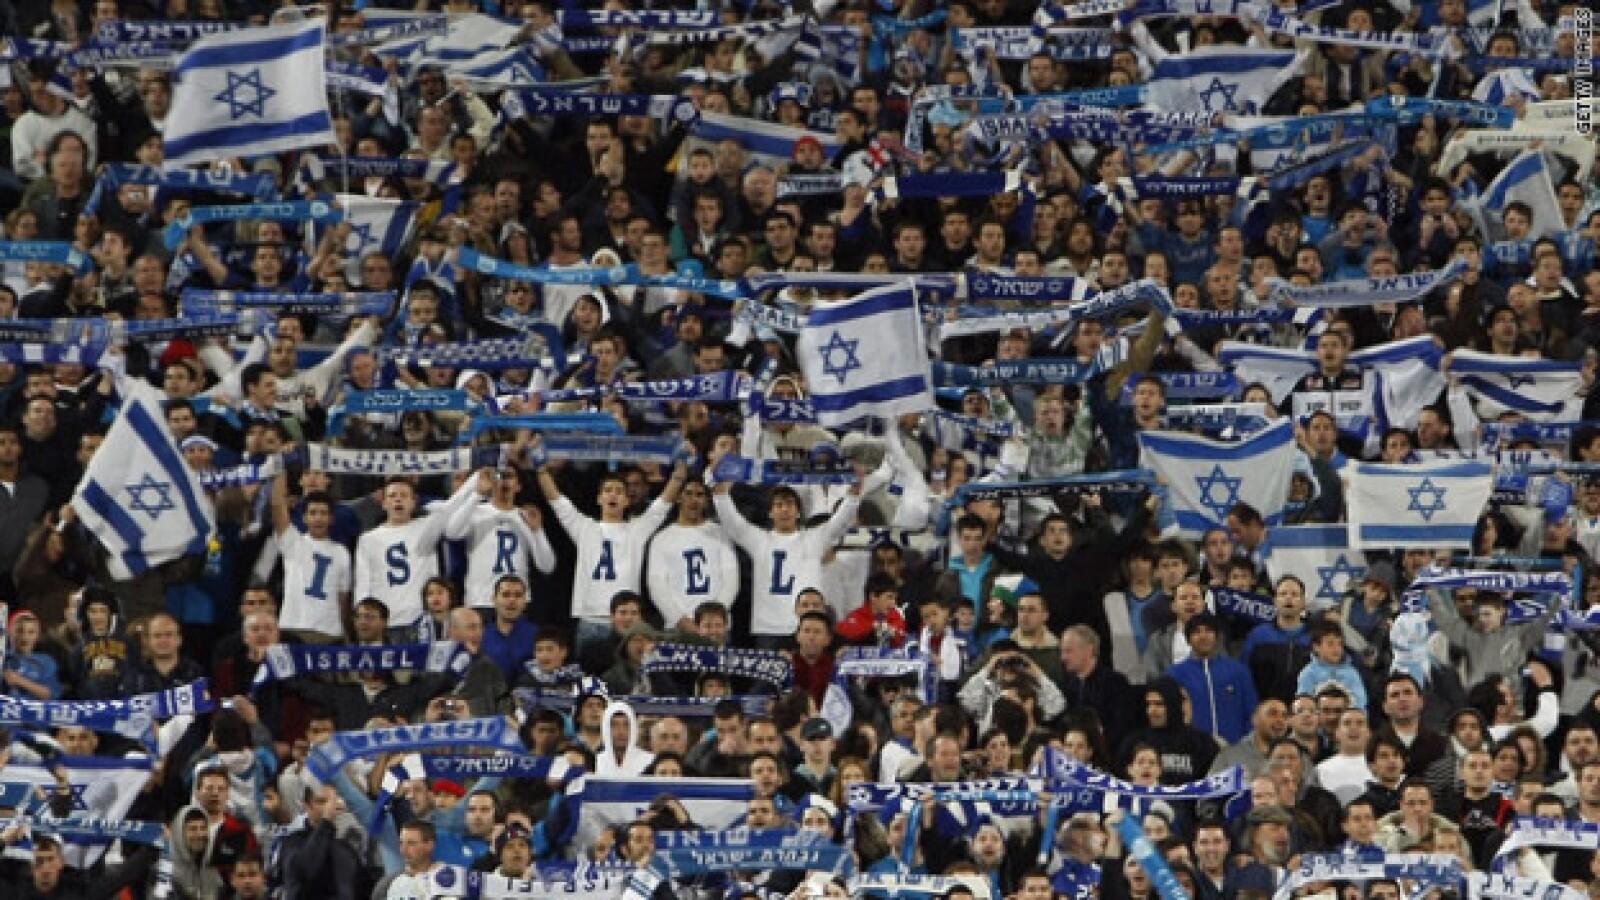 La liga de futbol israelí refleja problemas políticos